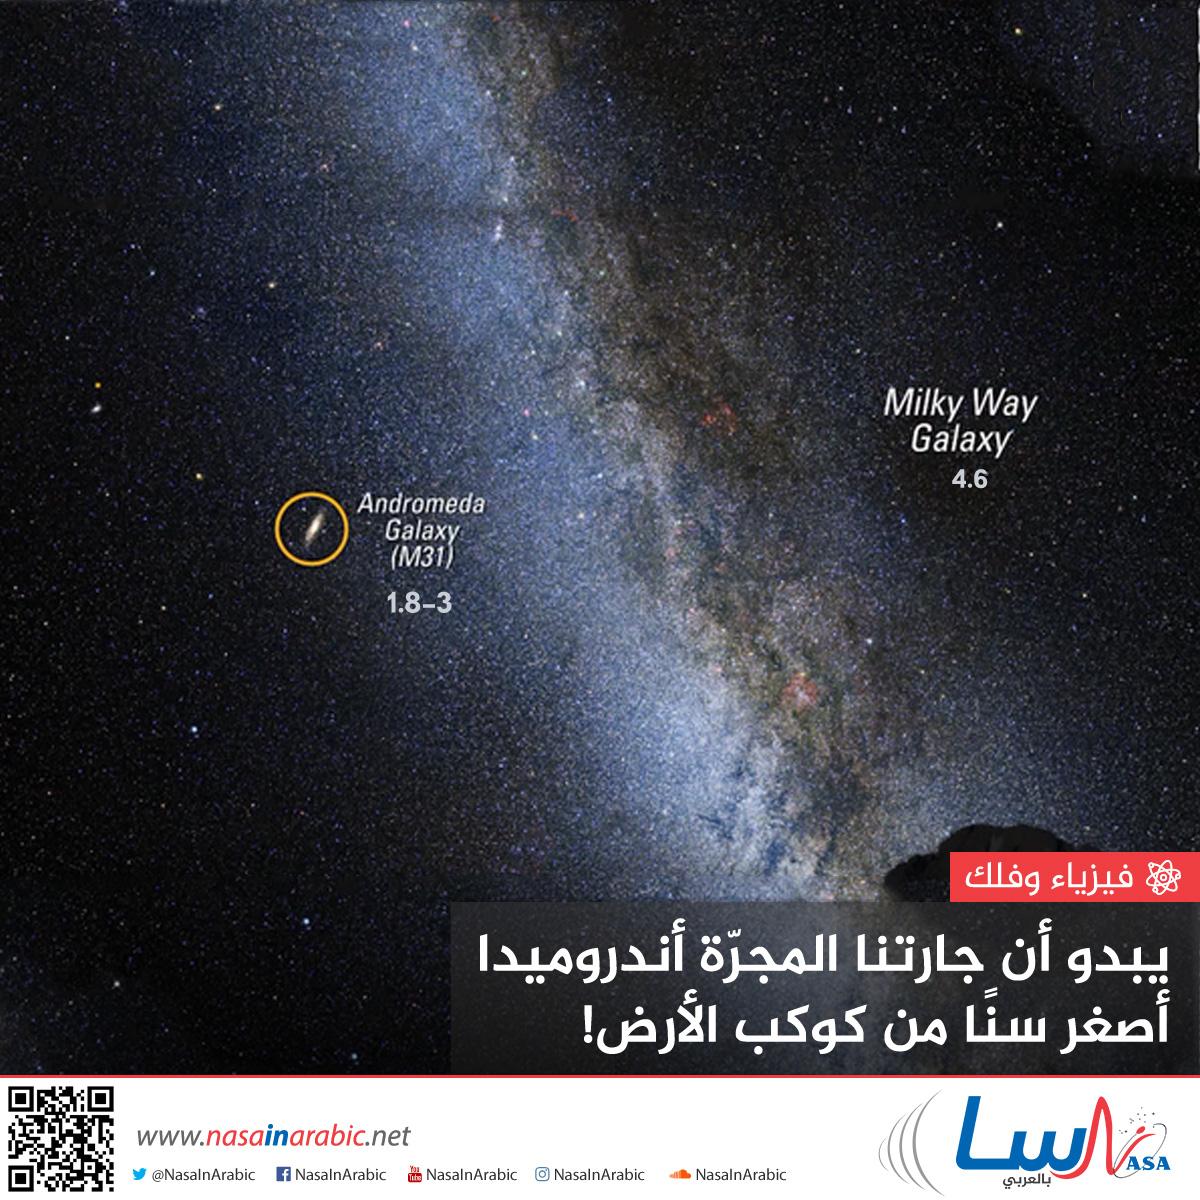 يبدو أن جارتنا المجرة أندروميدا أصغر سنًا من كوكب الأرض!